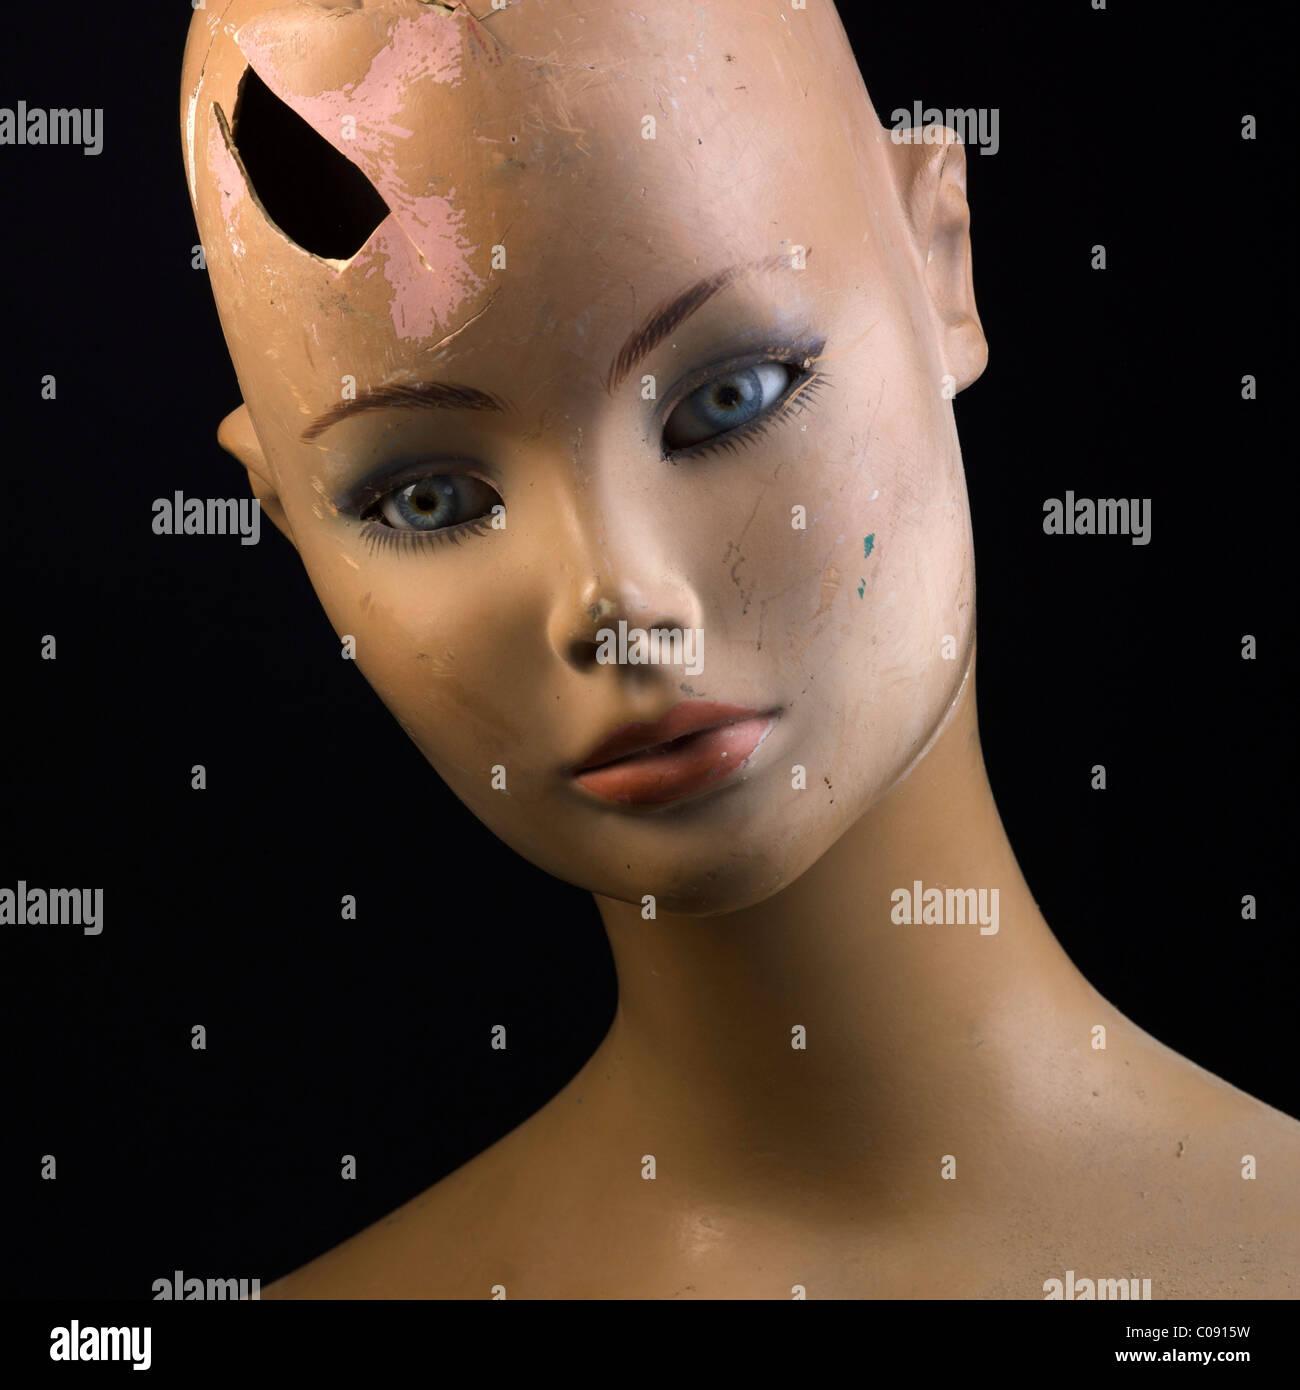 La violence domestique contre les femmes concept - gros plan du visage du mannequin femme brisée Photo Stock